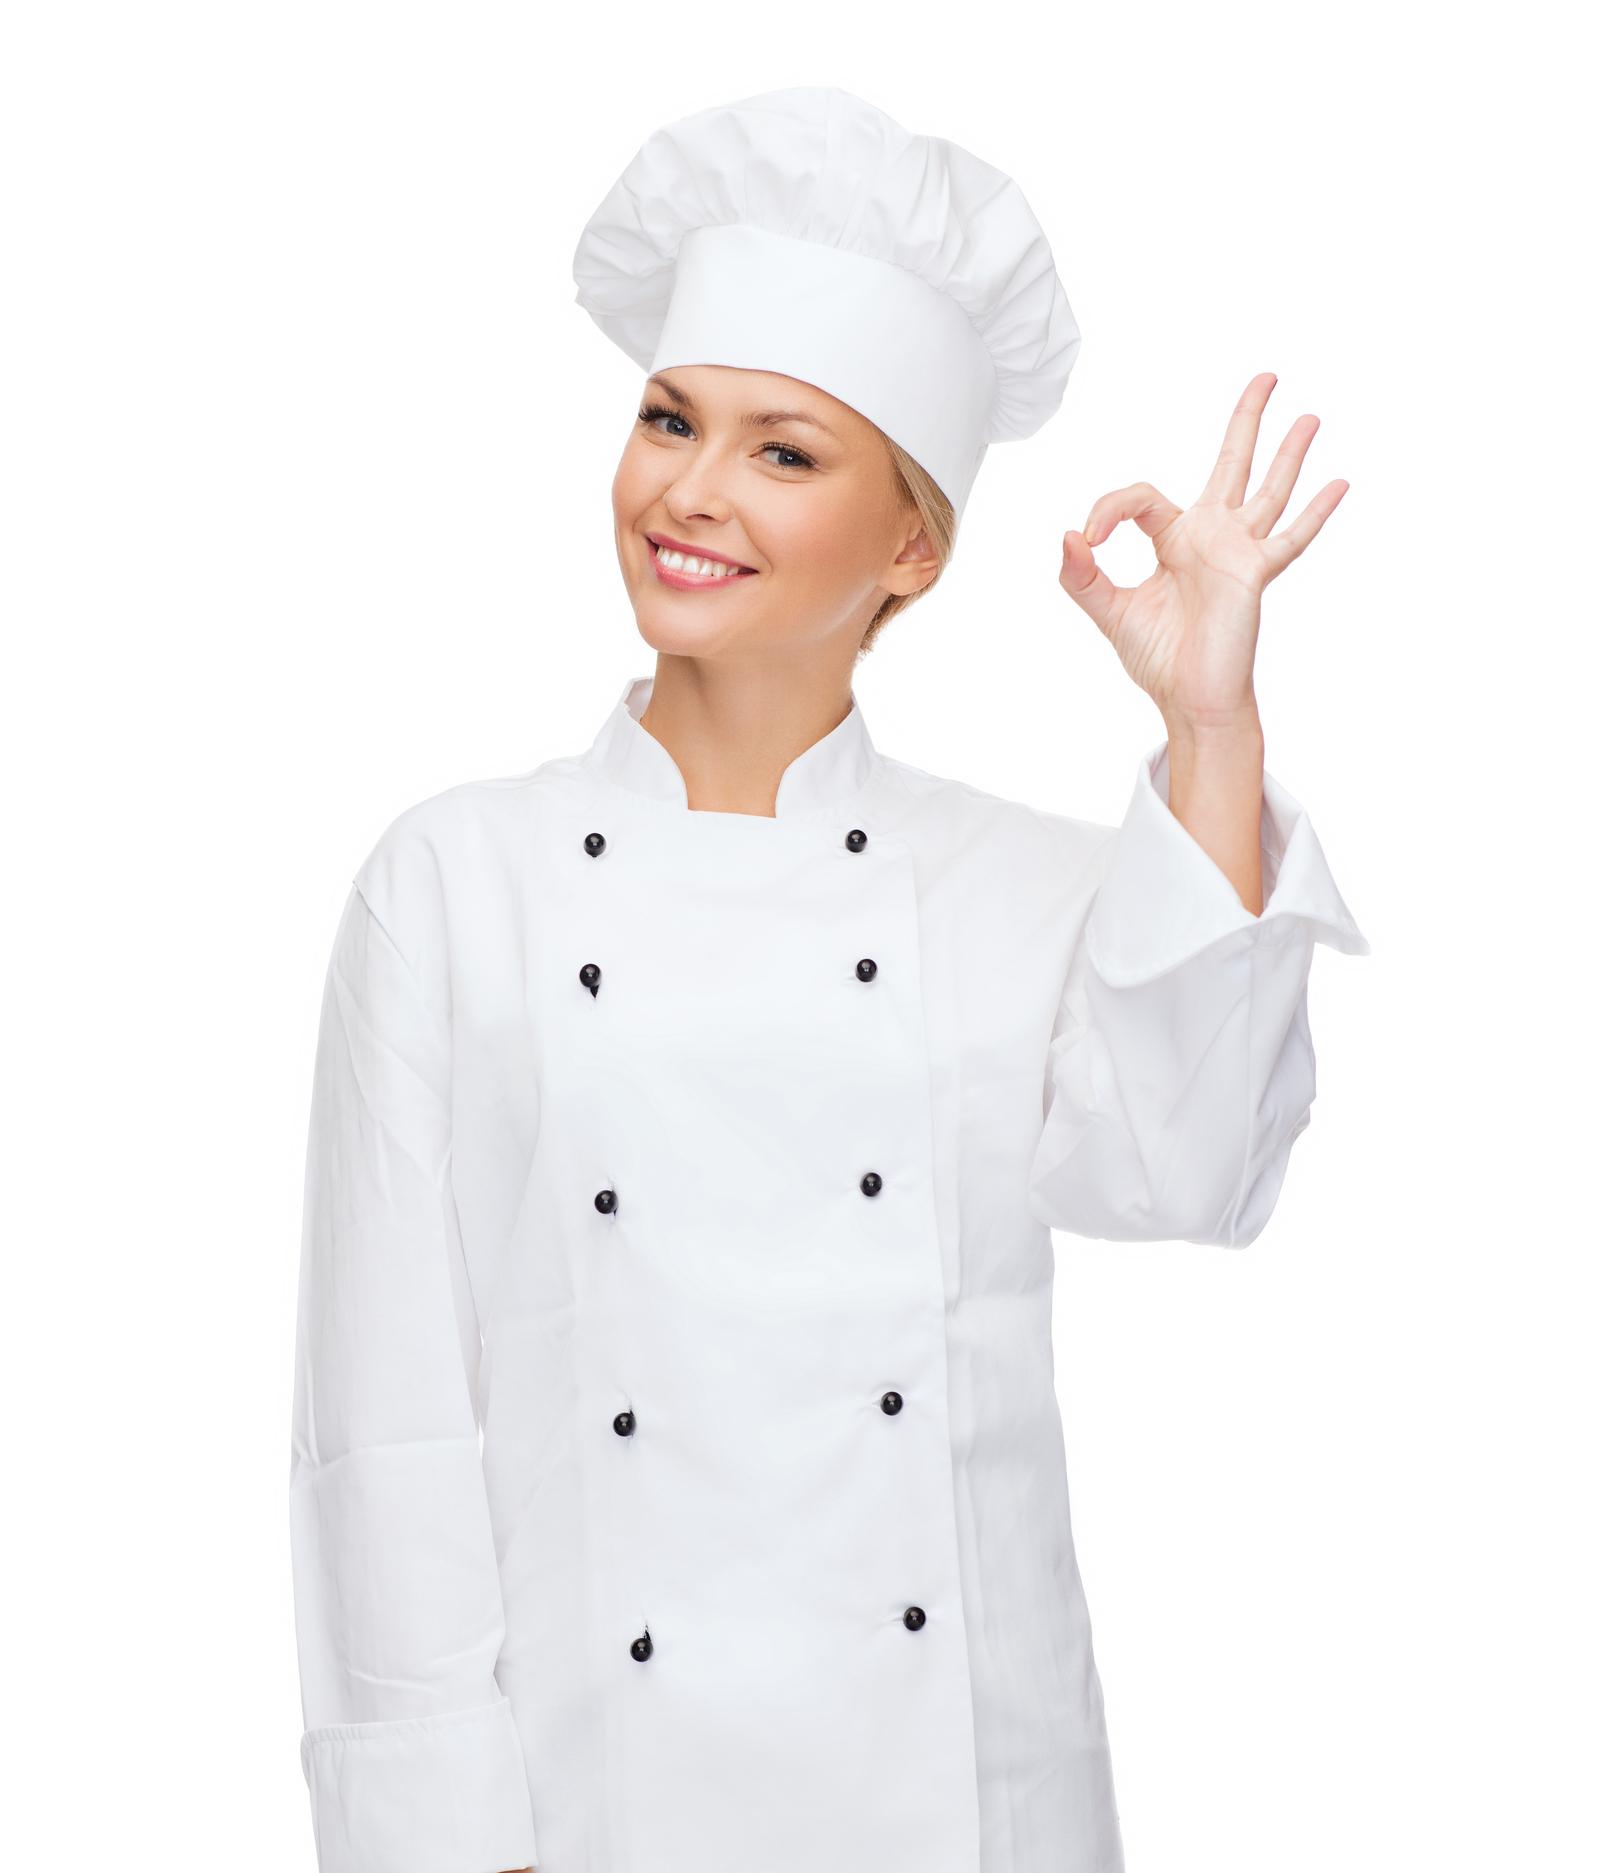 házi szakács fogyni)